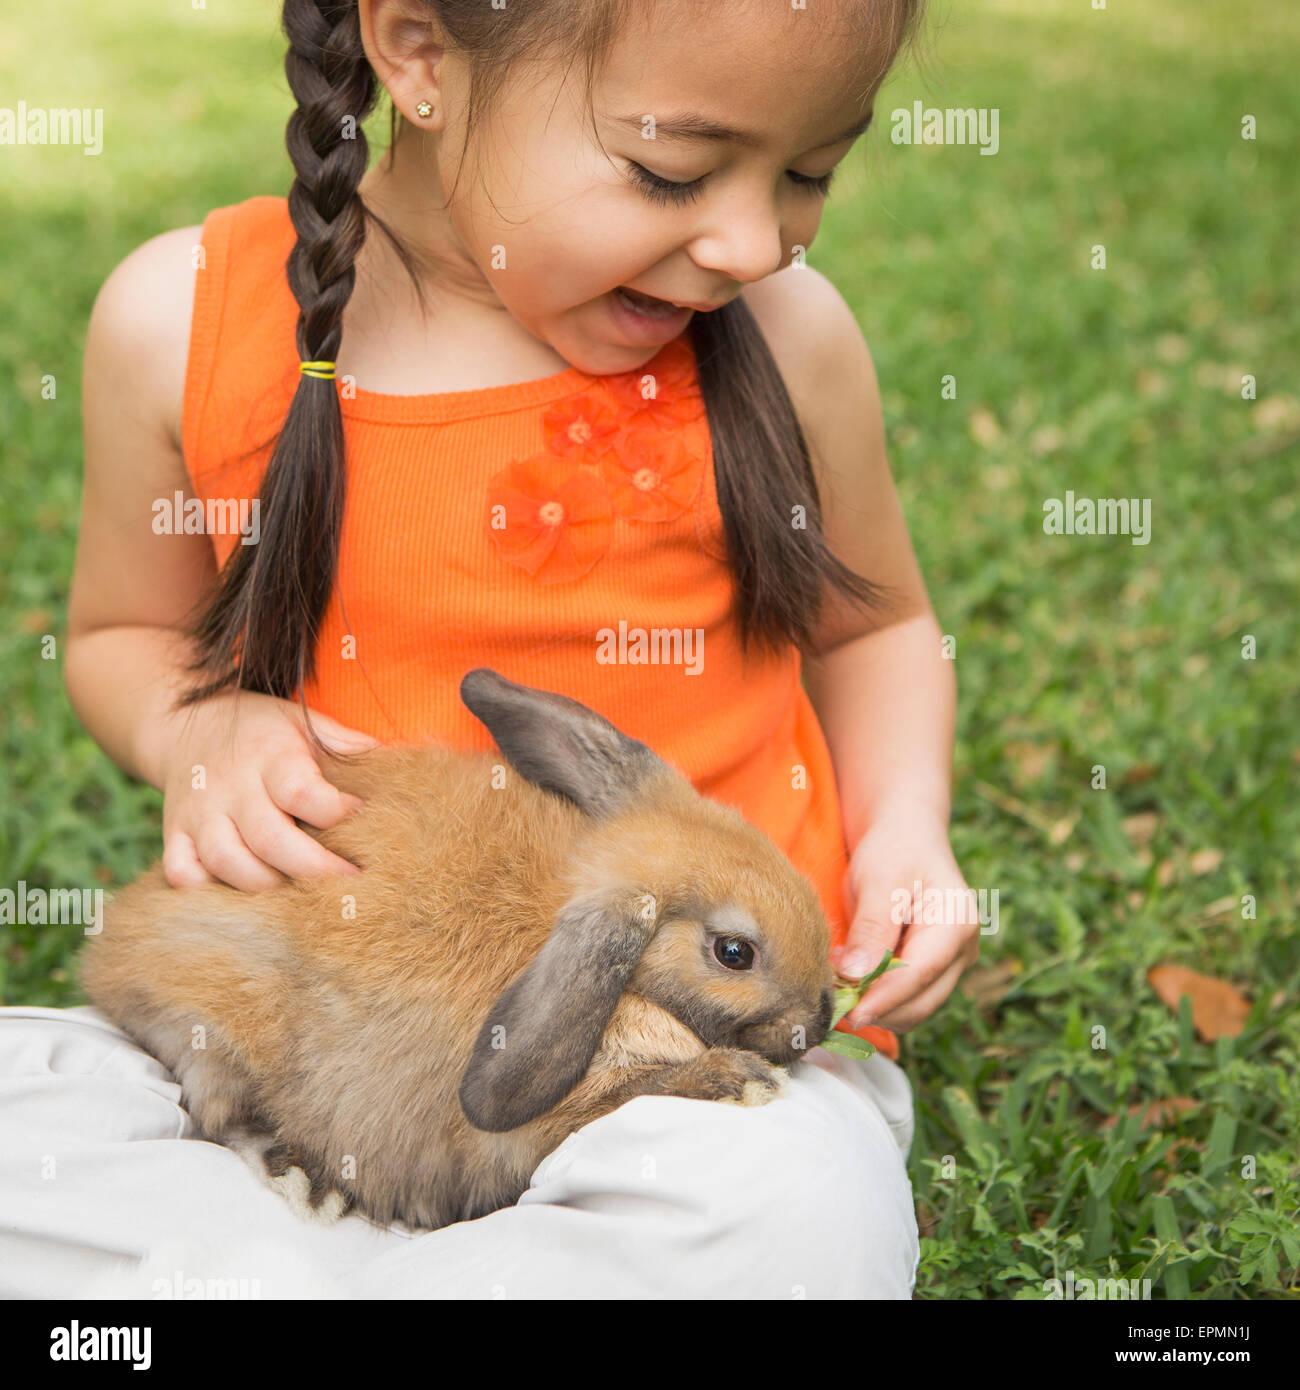 Ein Kind mit einem braunen Hasen auf dem Schoß. Stockbild